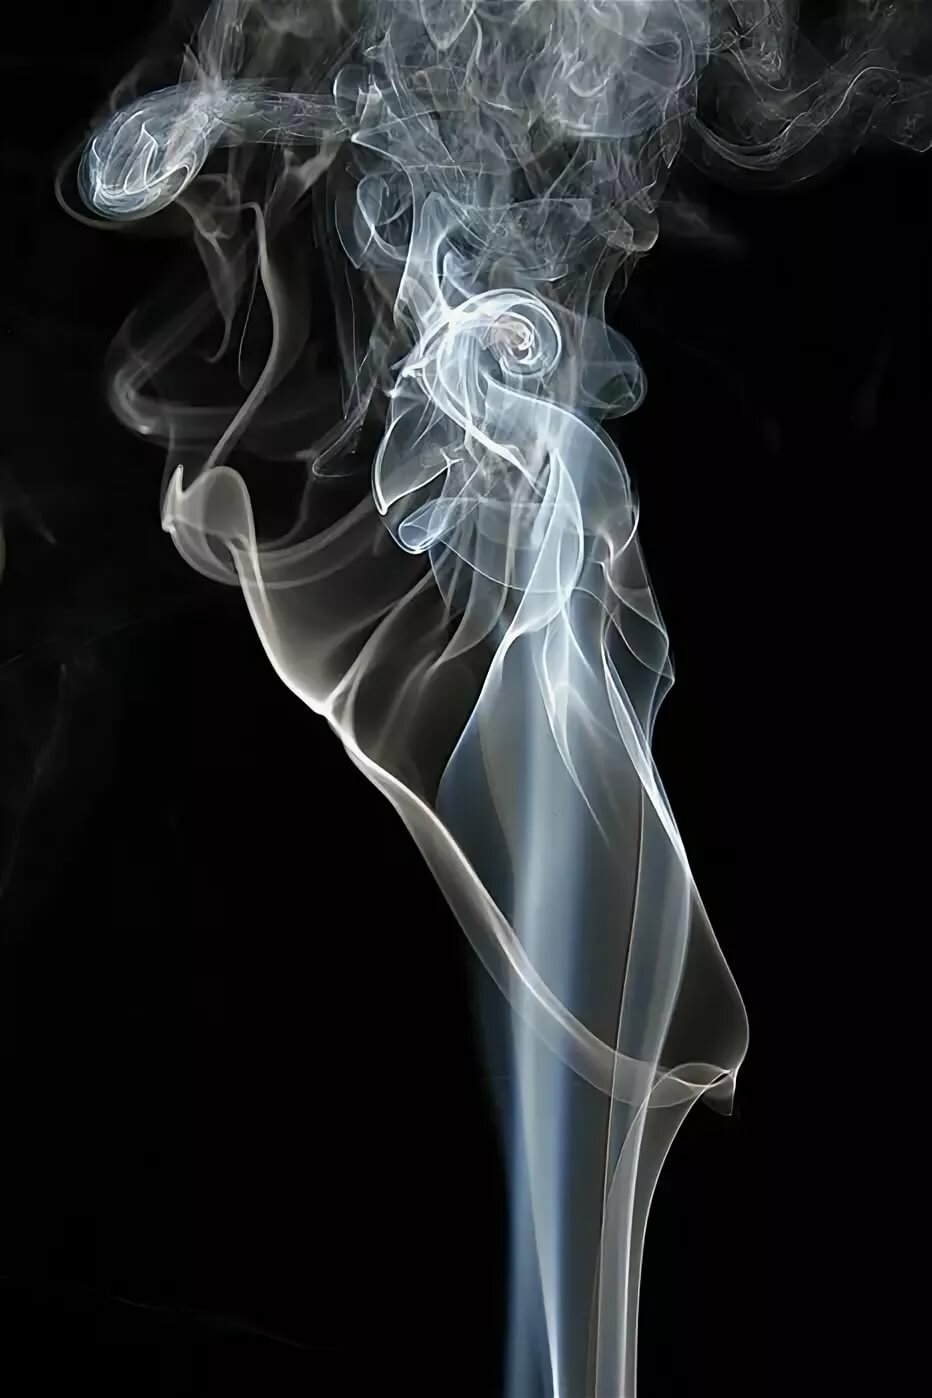 первой картинка дым сигаретный очень